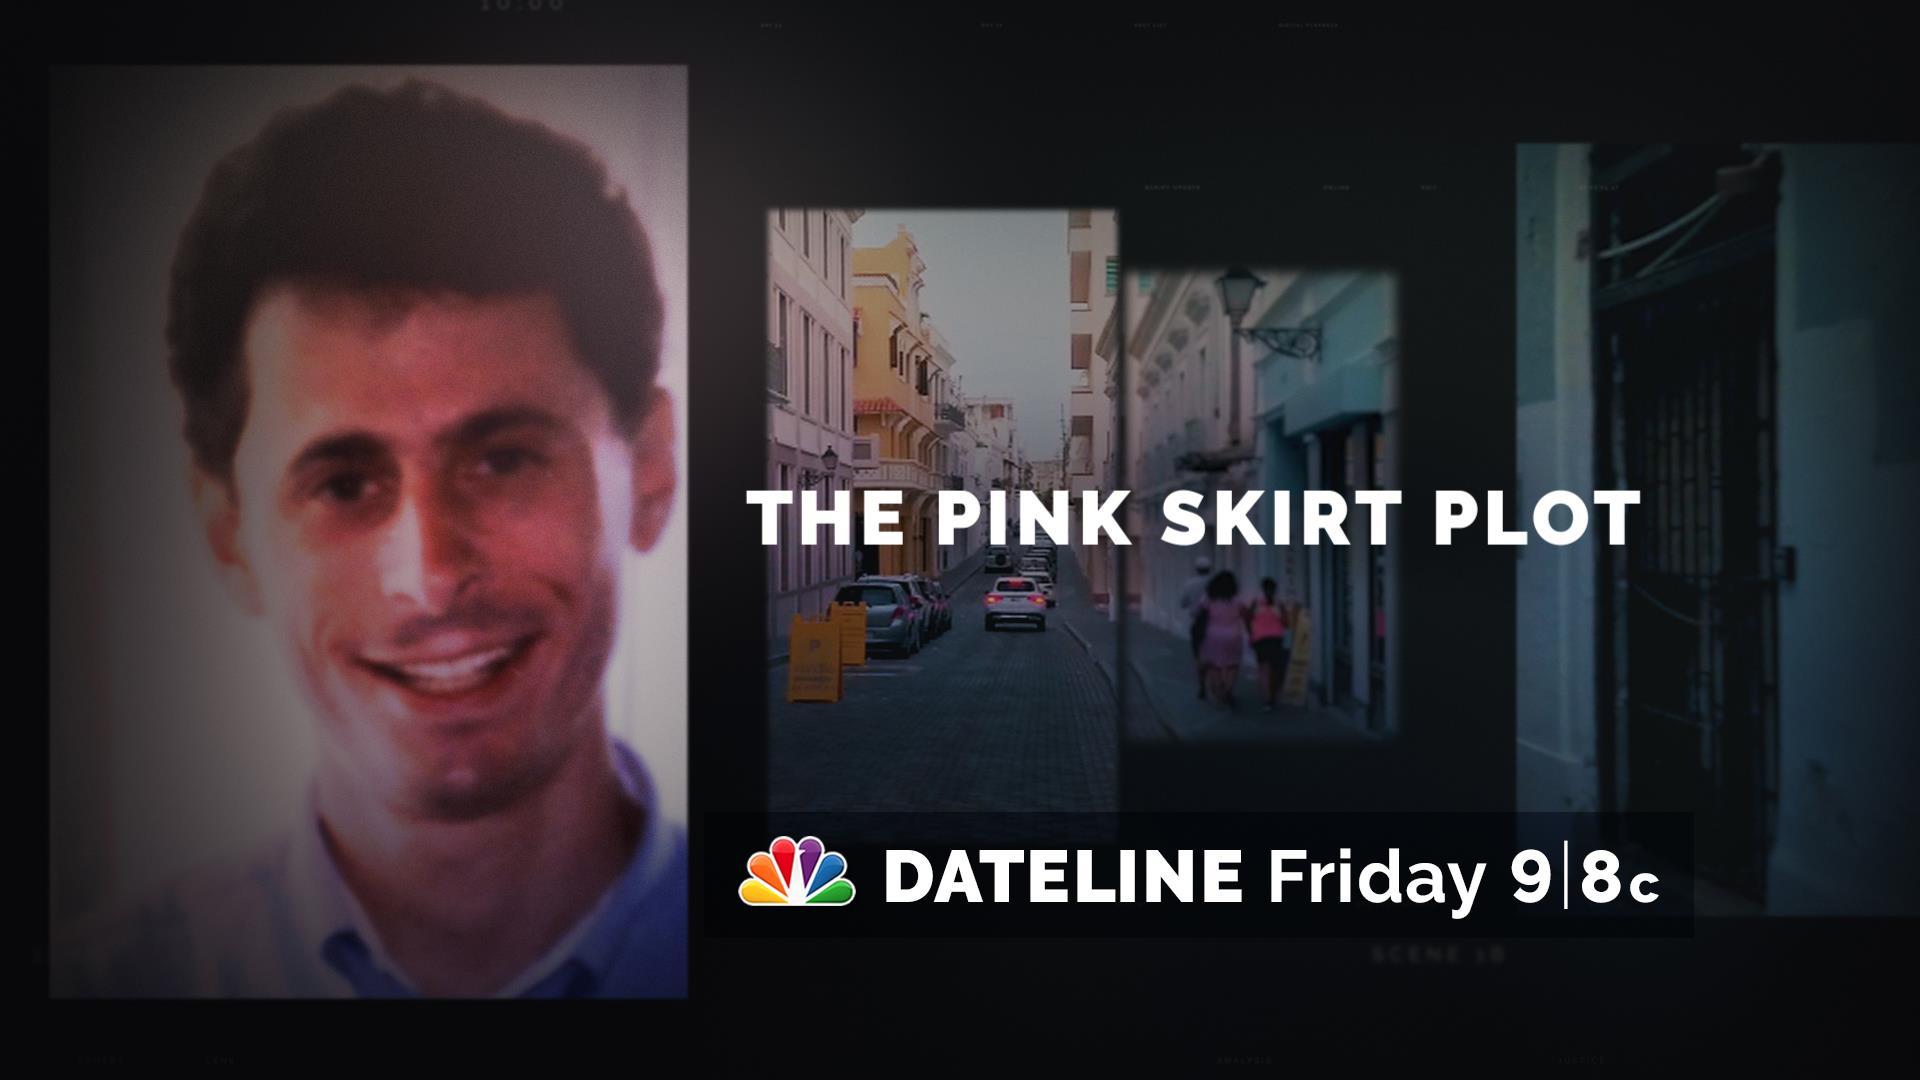 DATELINE FRIDAY SNEAK PEEK: The Pink Skirt Plot